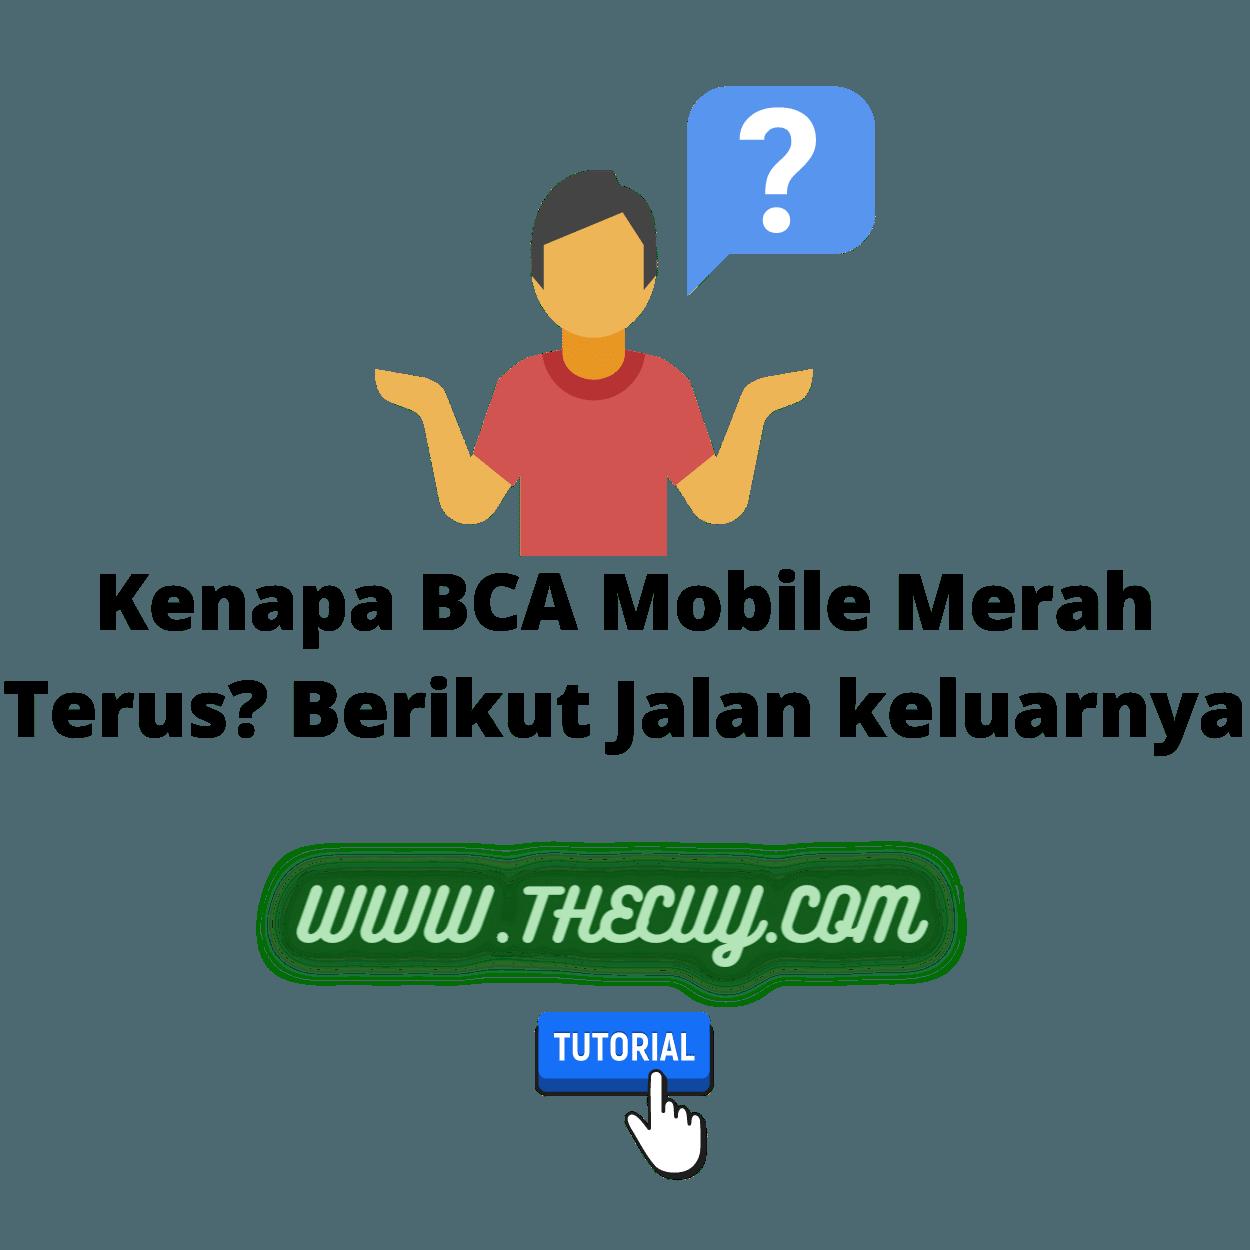 Kenapa BCA Mobile Merah Terus? Berikut Jalankeluarnya